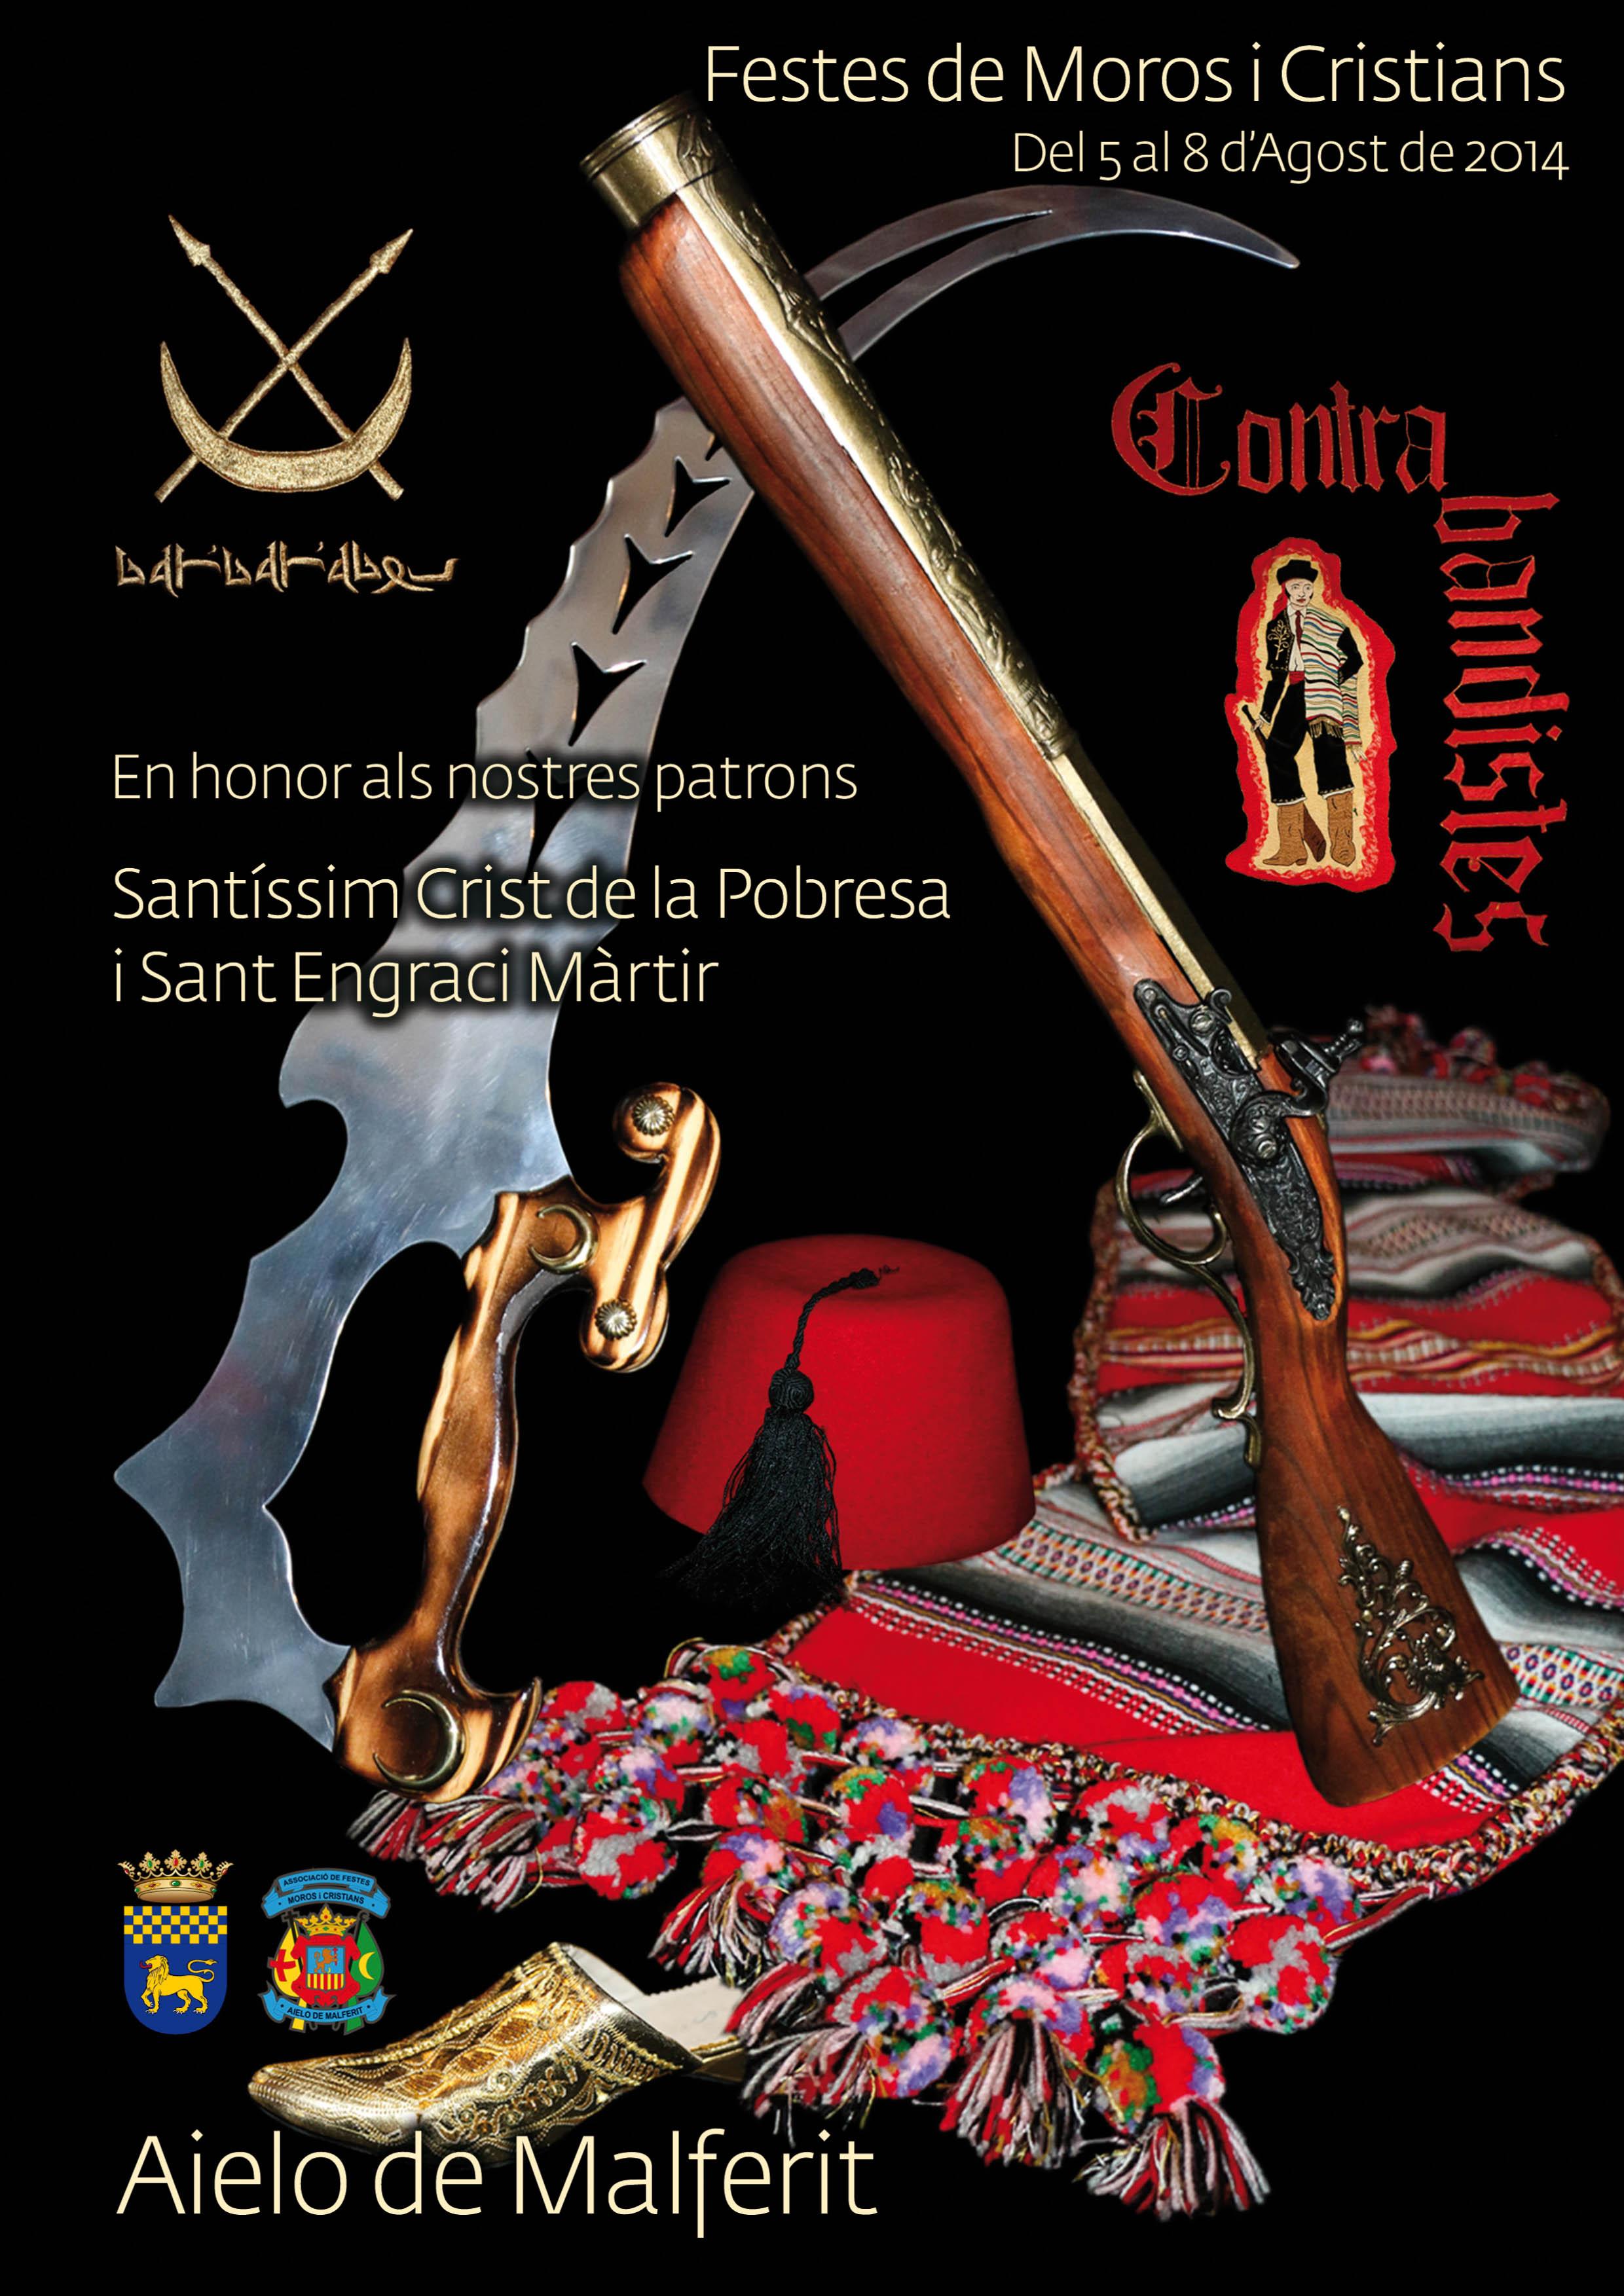 Portada del programa de fiestas de Moros y Cristianos 2014.